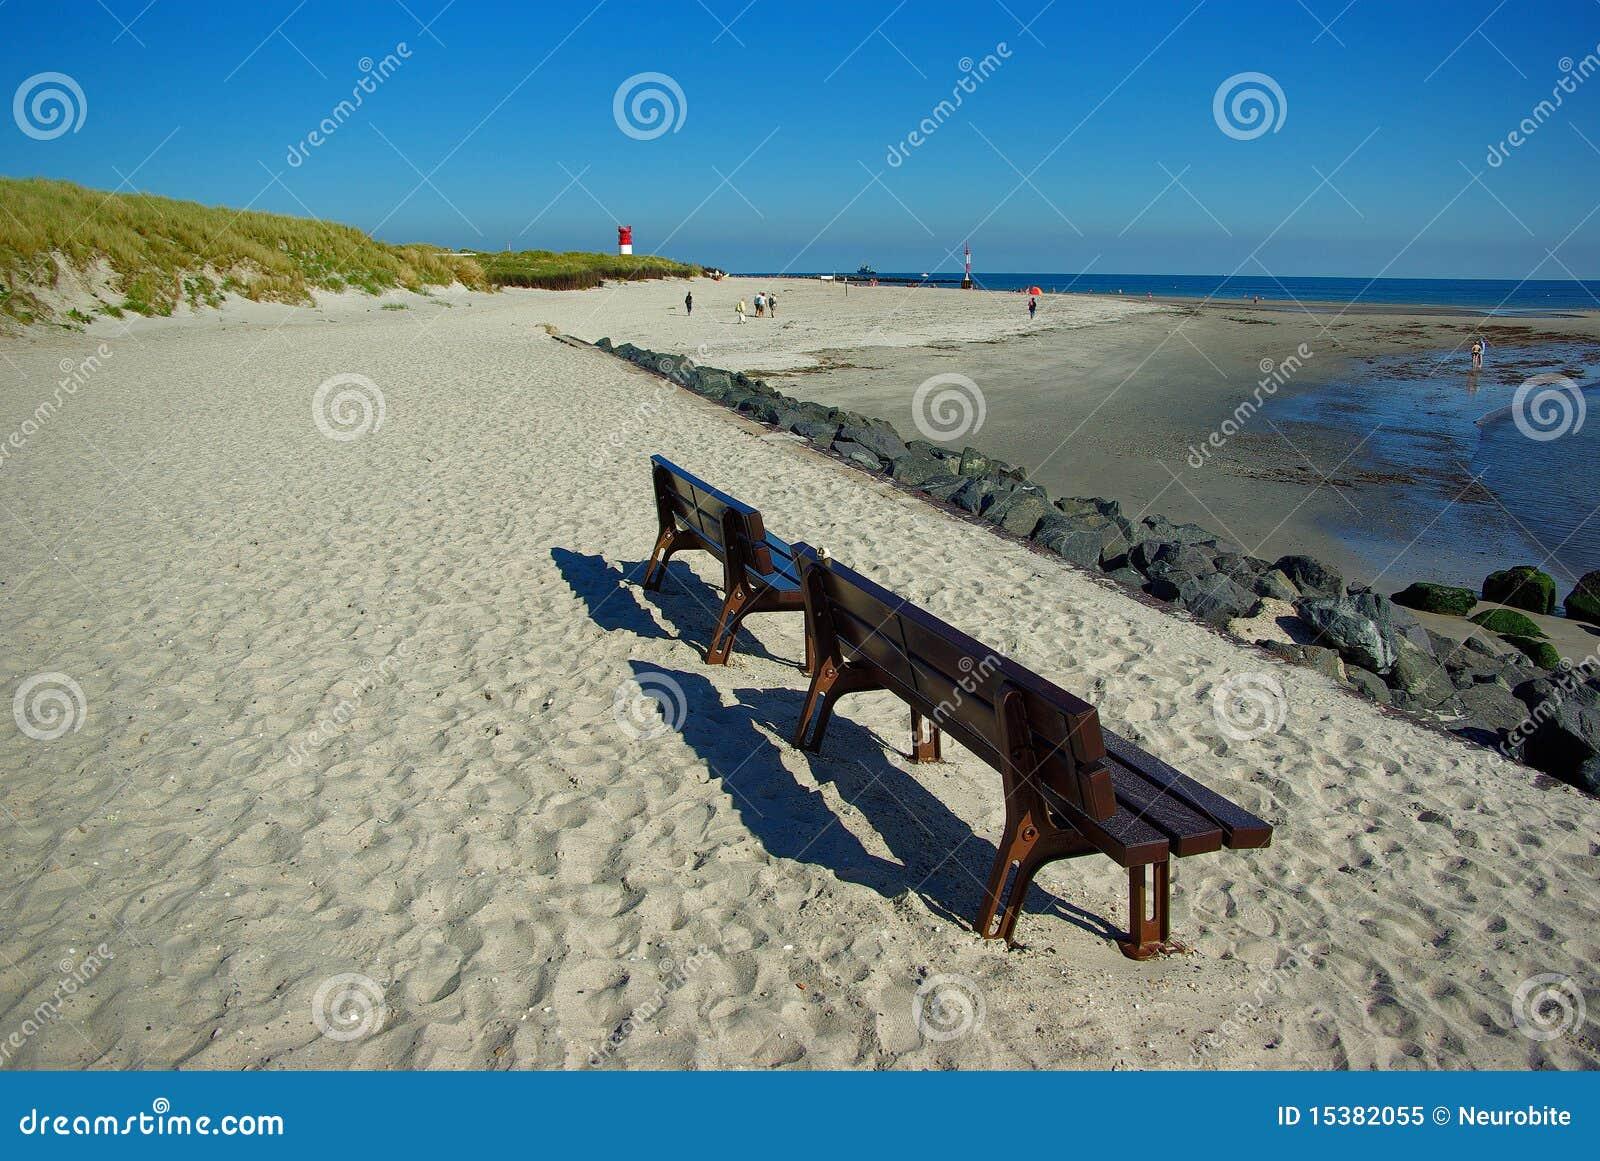 Helgoland insel in deutschland strand auf d ne for Designhotel helgoland